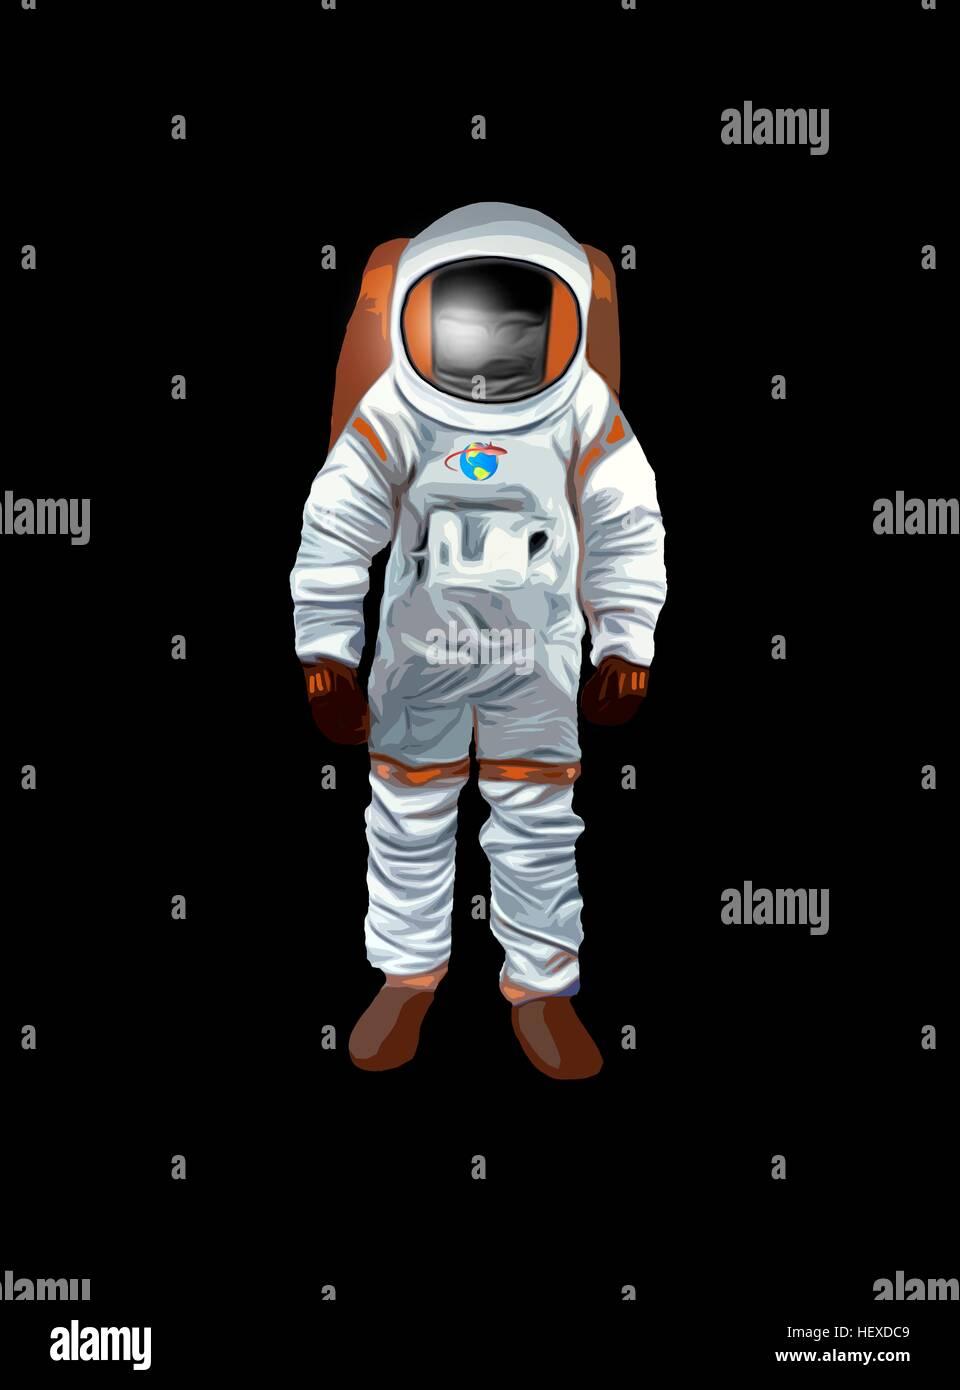 Ilustración de un hombre del espacio, o astronauta, adecuado para la publicación para niños. Foto de stock